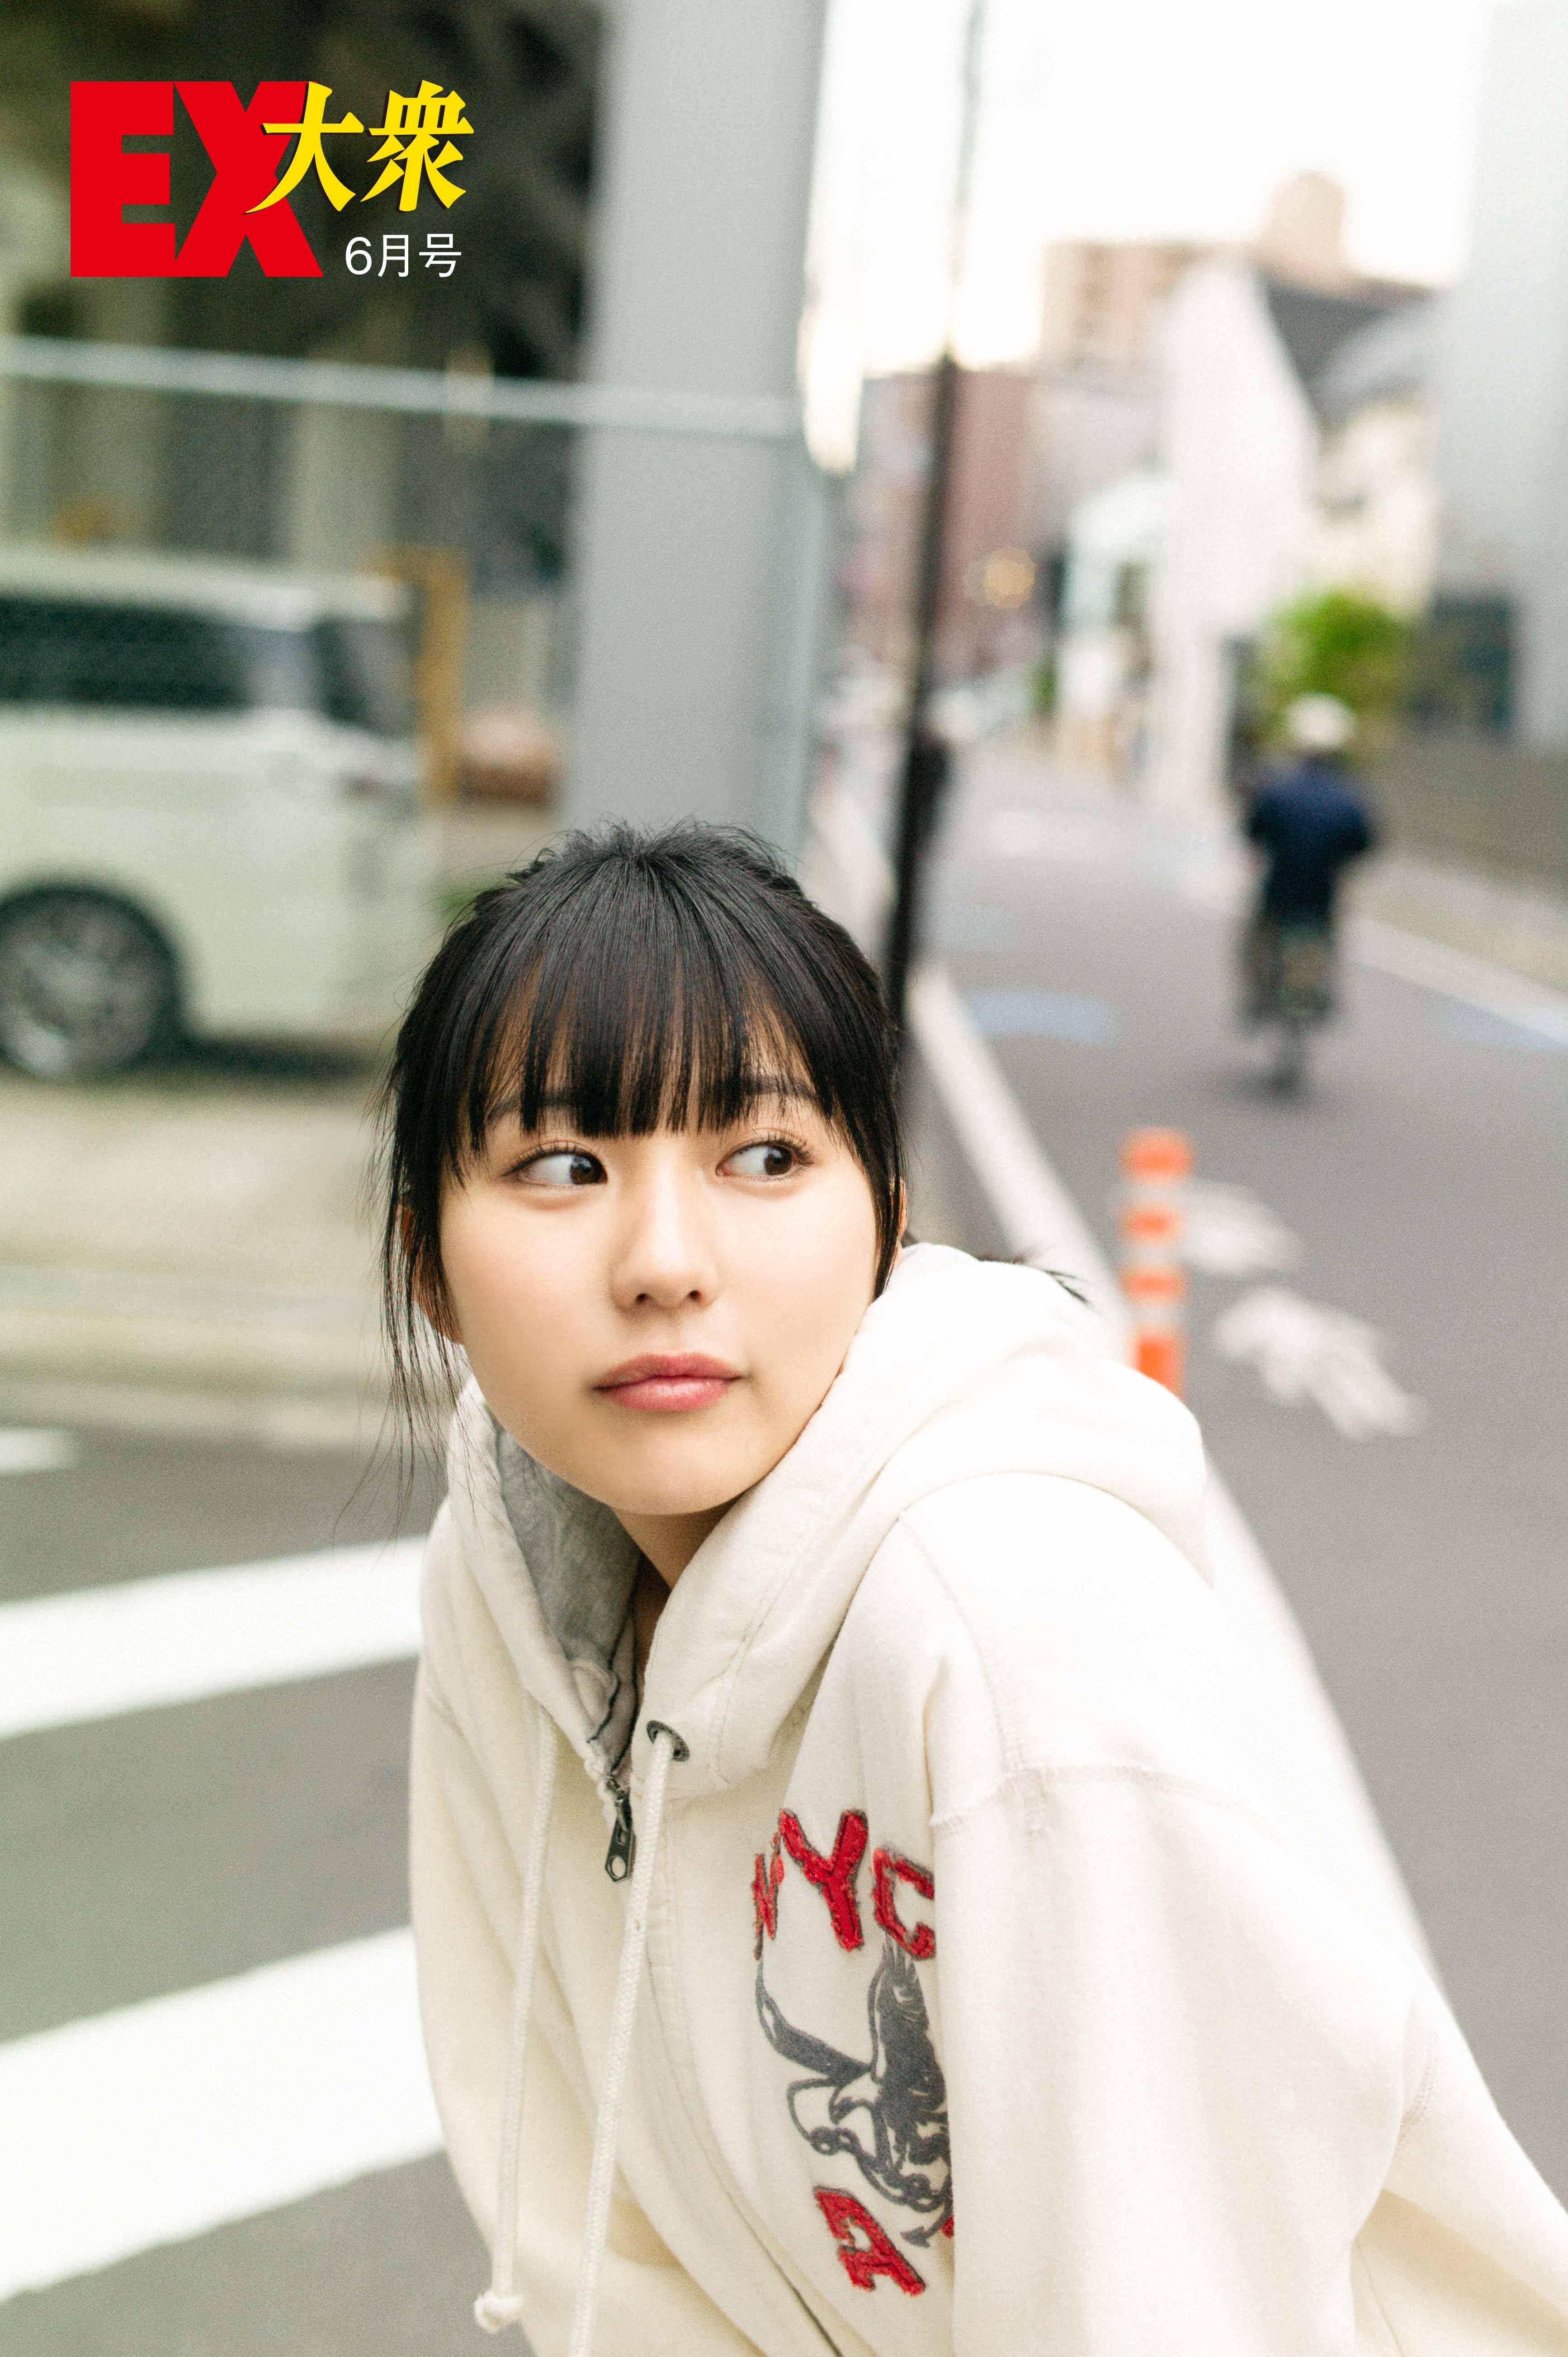 HKT48田中美久の本誌未掲載カット5枚を大公開!【EX大衆6月号】の画像005